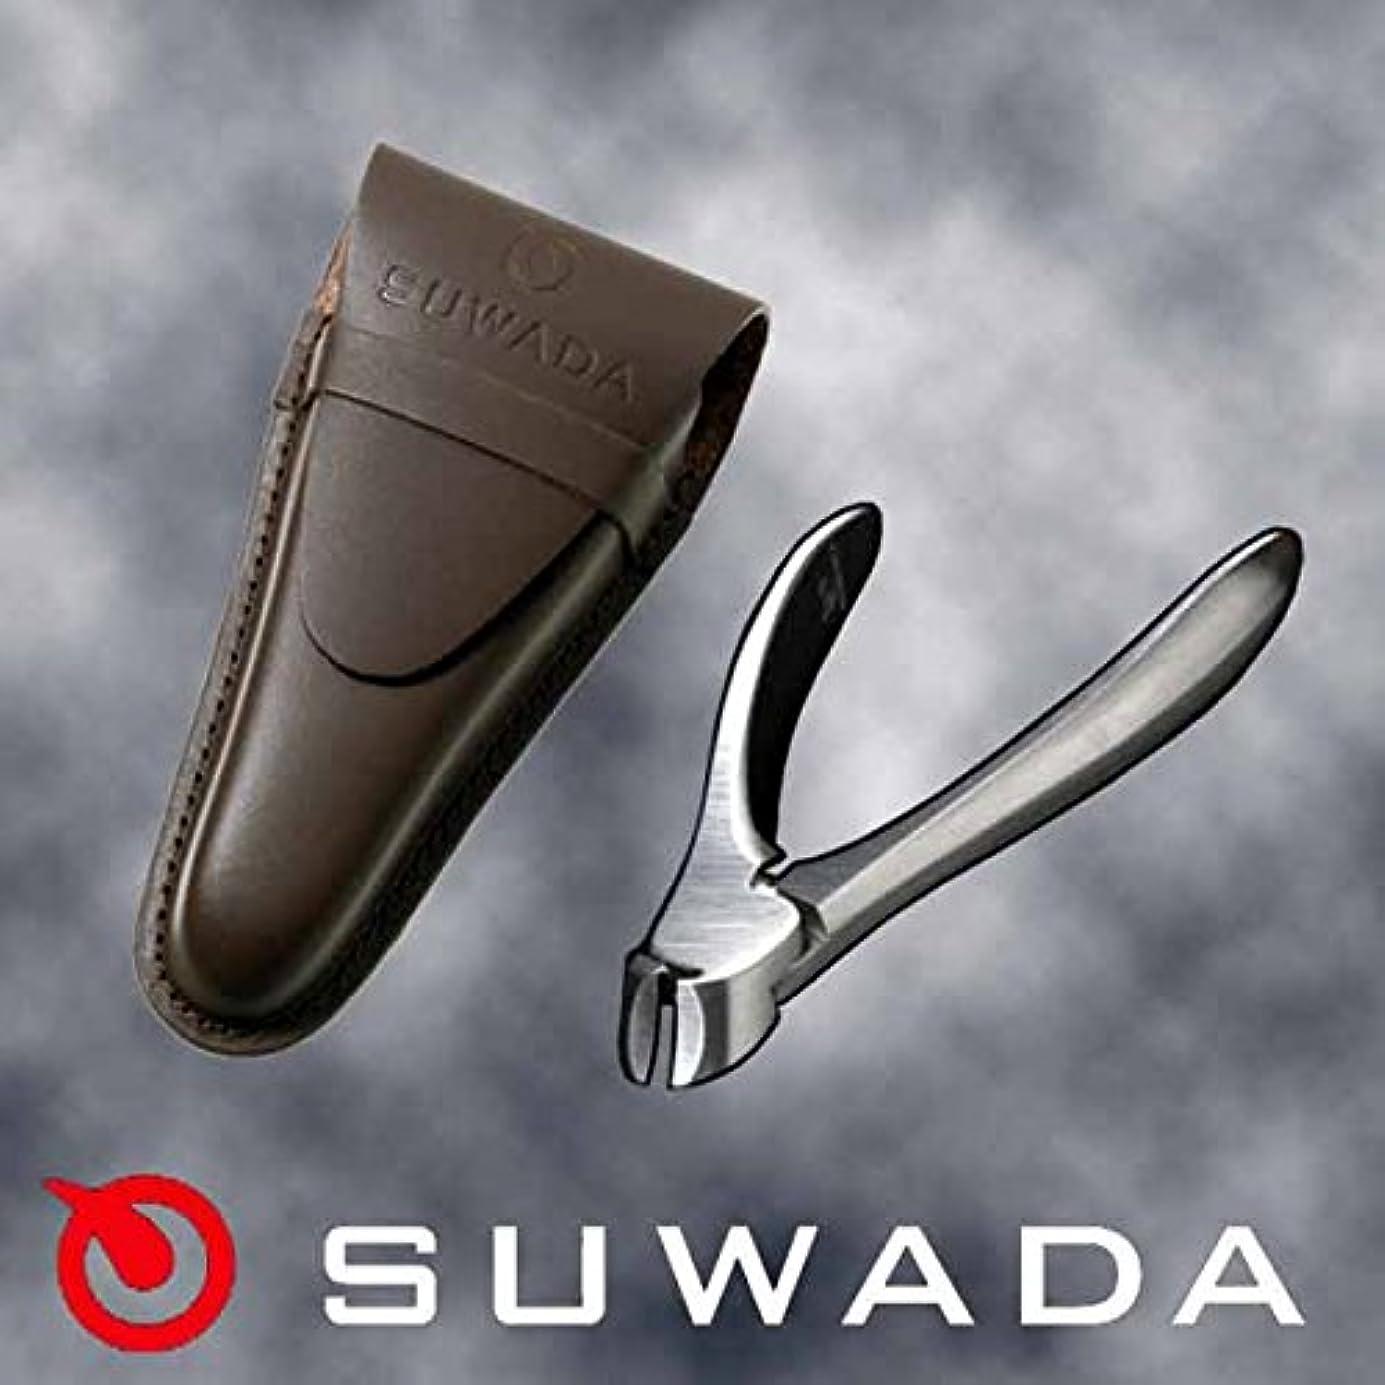 排泄するたとえ無SUWADA爪切りクラシックベビー&ブラウン(茶)革ケースセット 特注モデル 諏訪田製作所製 スワダの爪切り